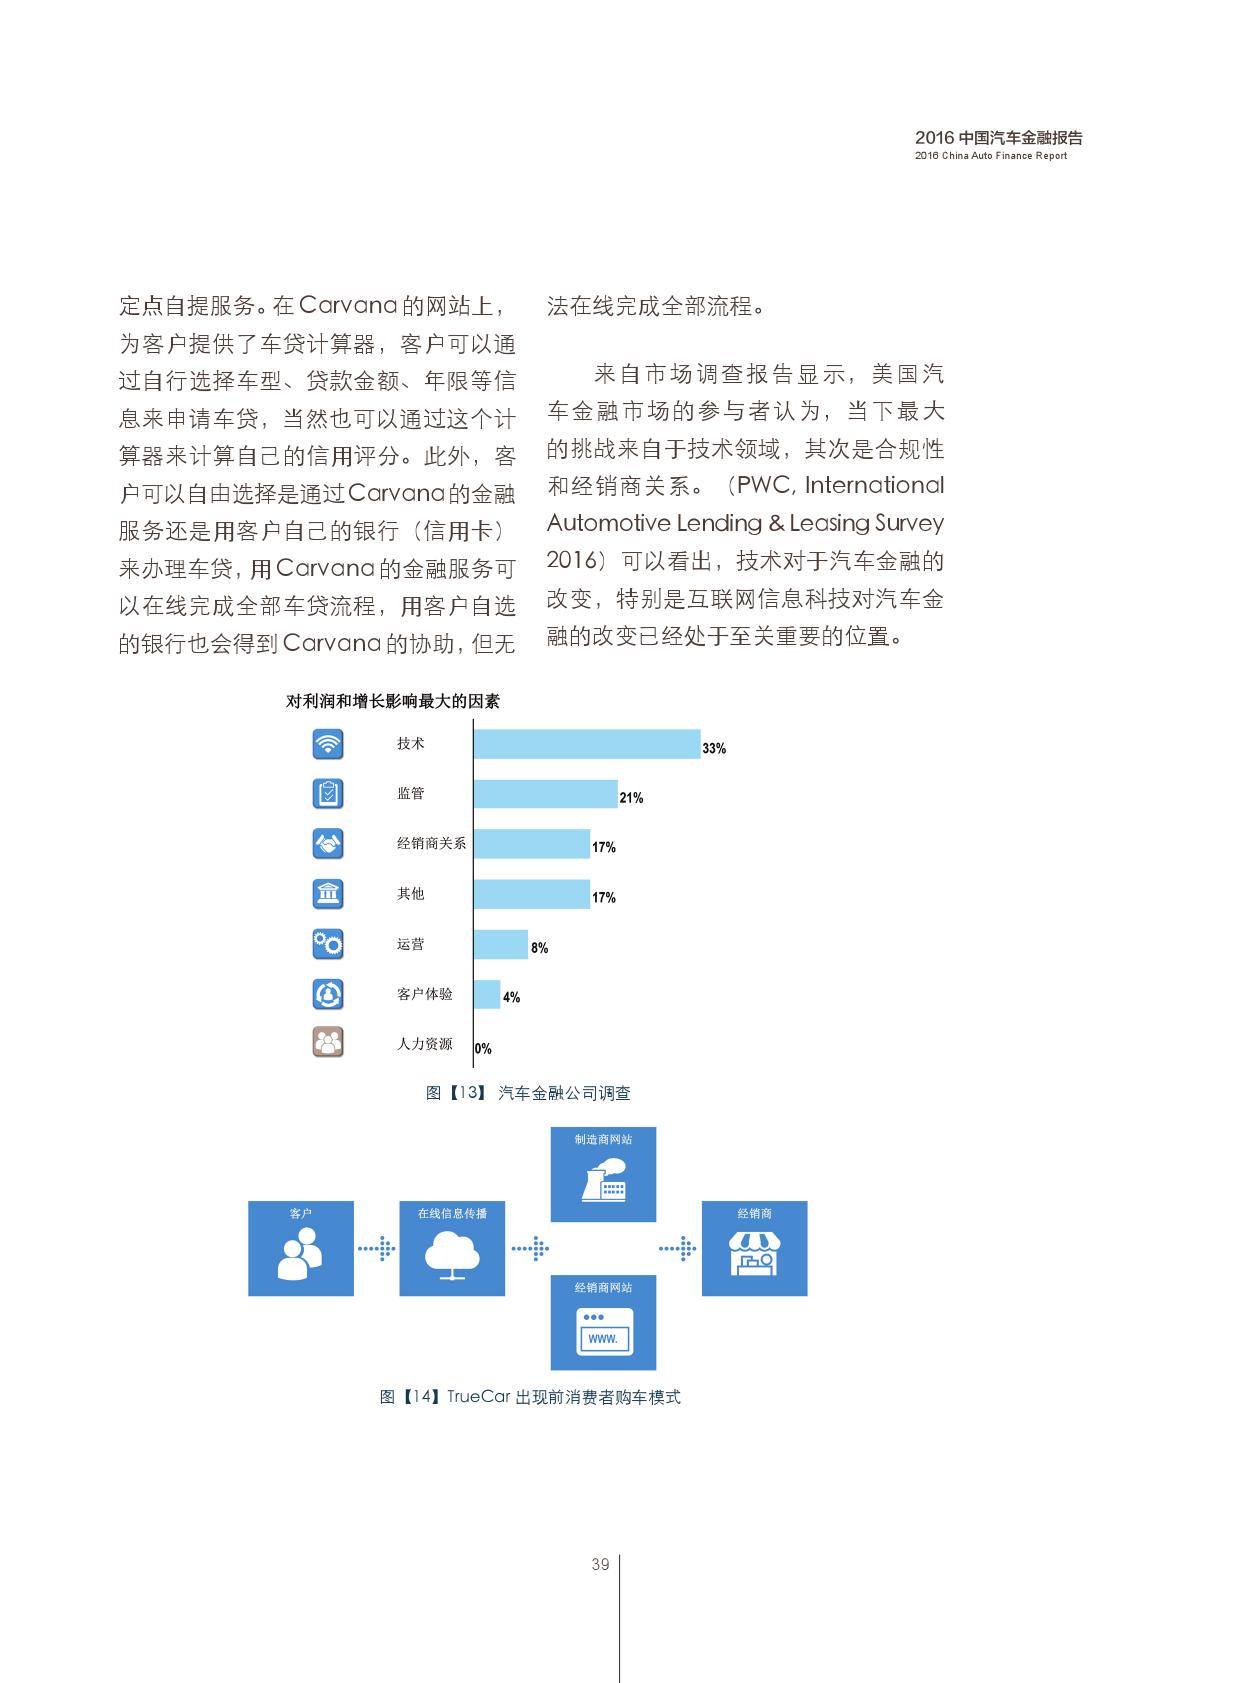 2016中国汽车金融报告_000040